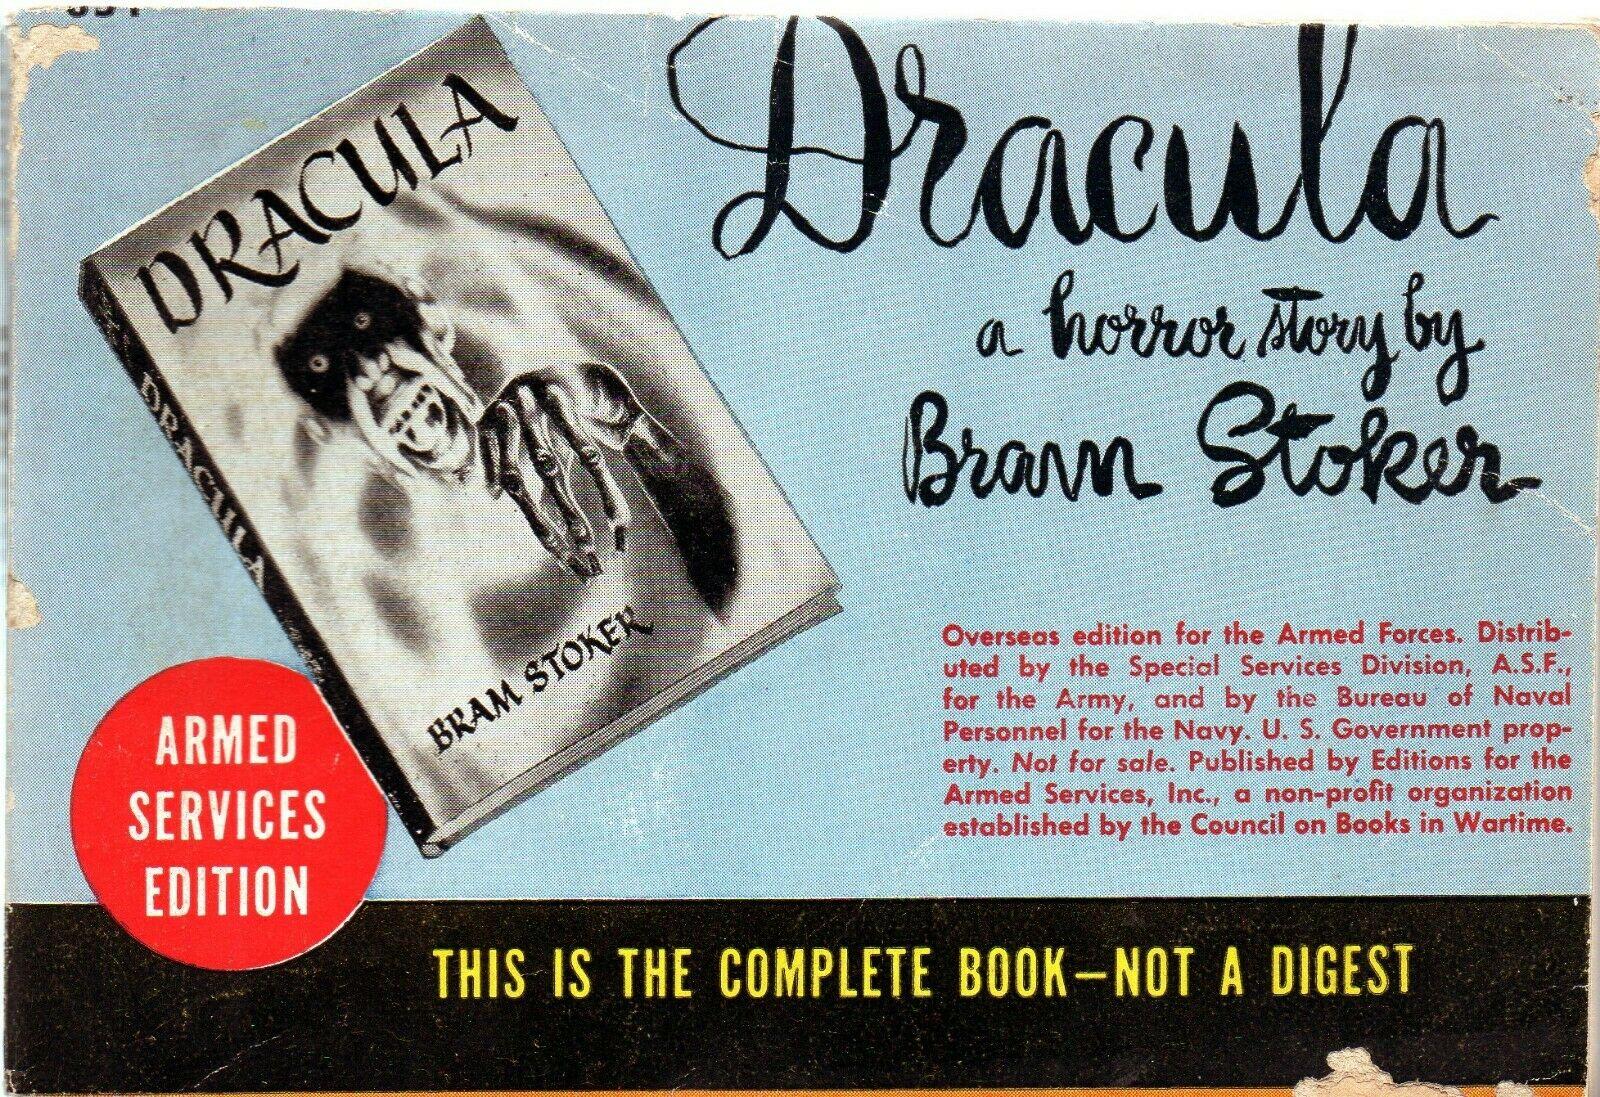 """E la cosiddetta """"edizione militare"""" di Dracula l'avevate mai vista?"""